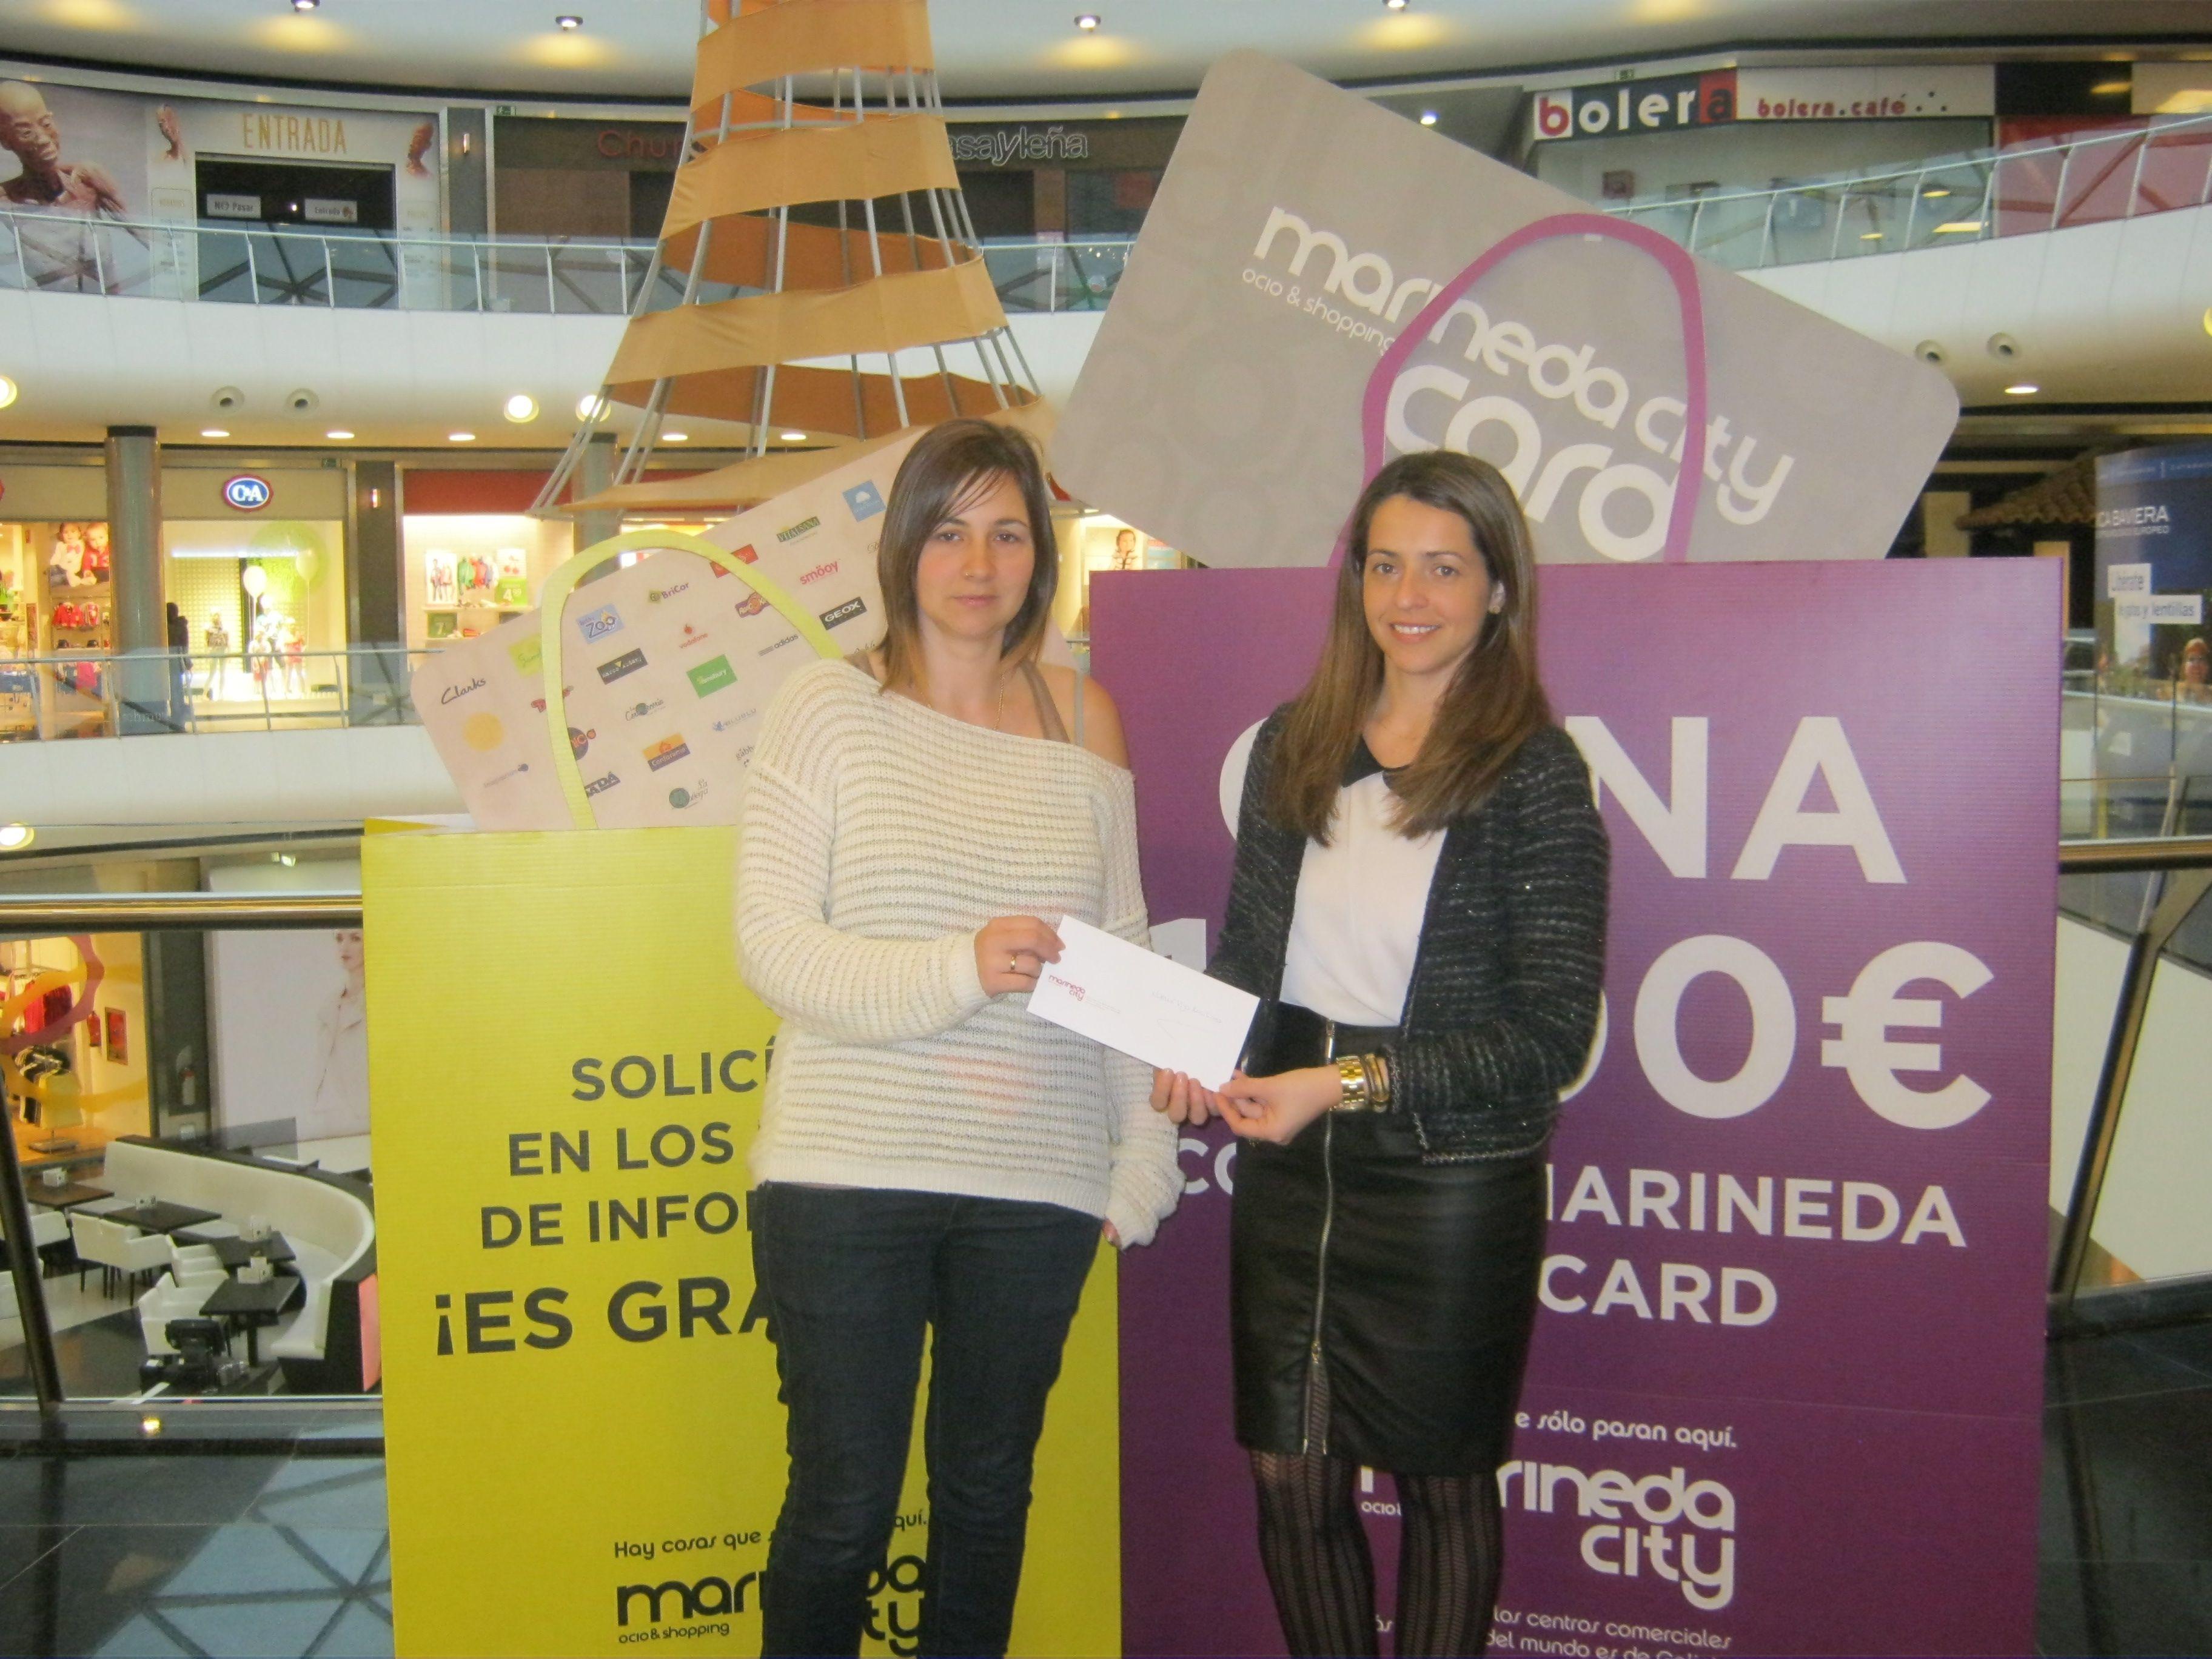 Pertenece Recoger hojas contaminación  Repartimos 100€ cada mes con la Marineda City Card #LoMejorde2013  #MarinedaCity | Evento deportivo, Concursos, Eventos